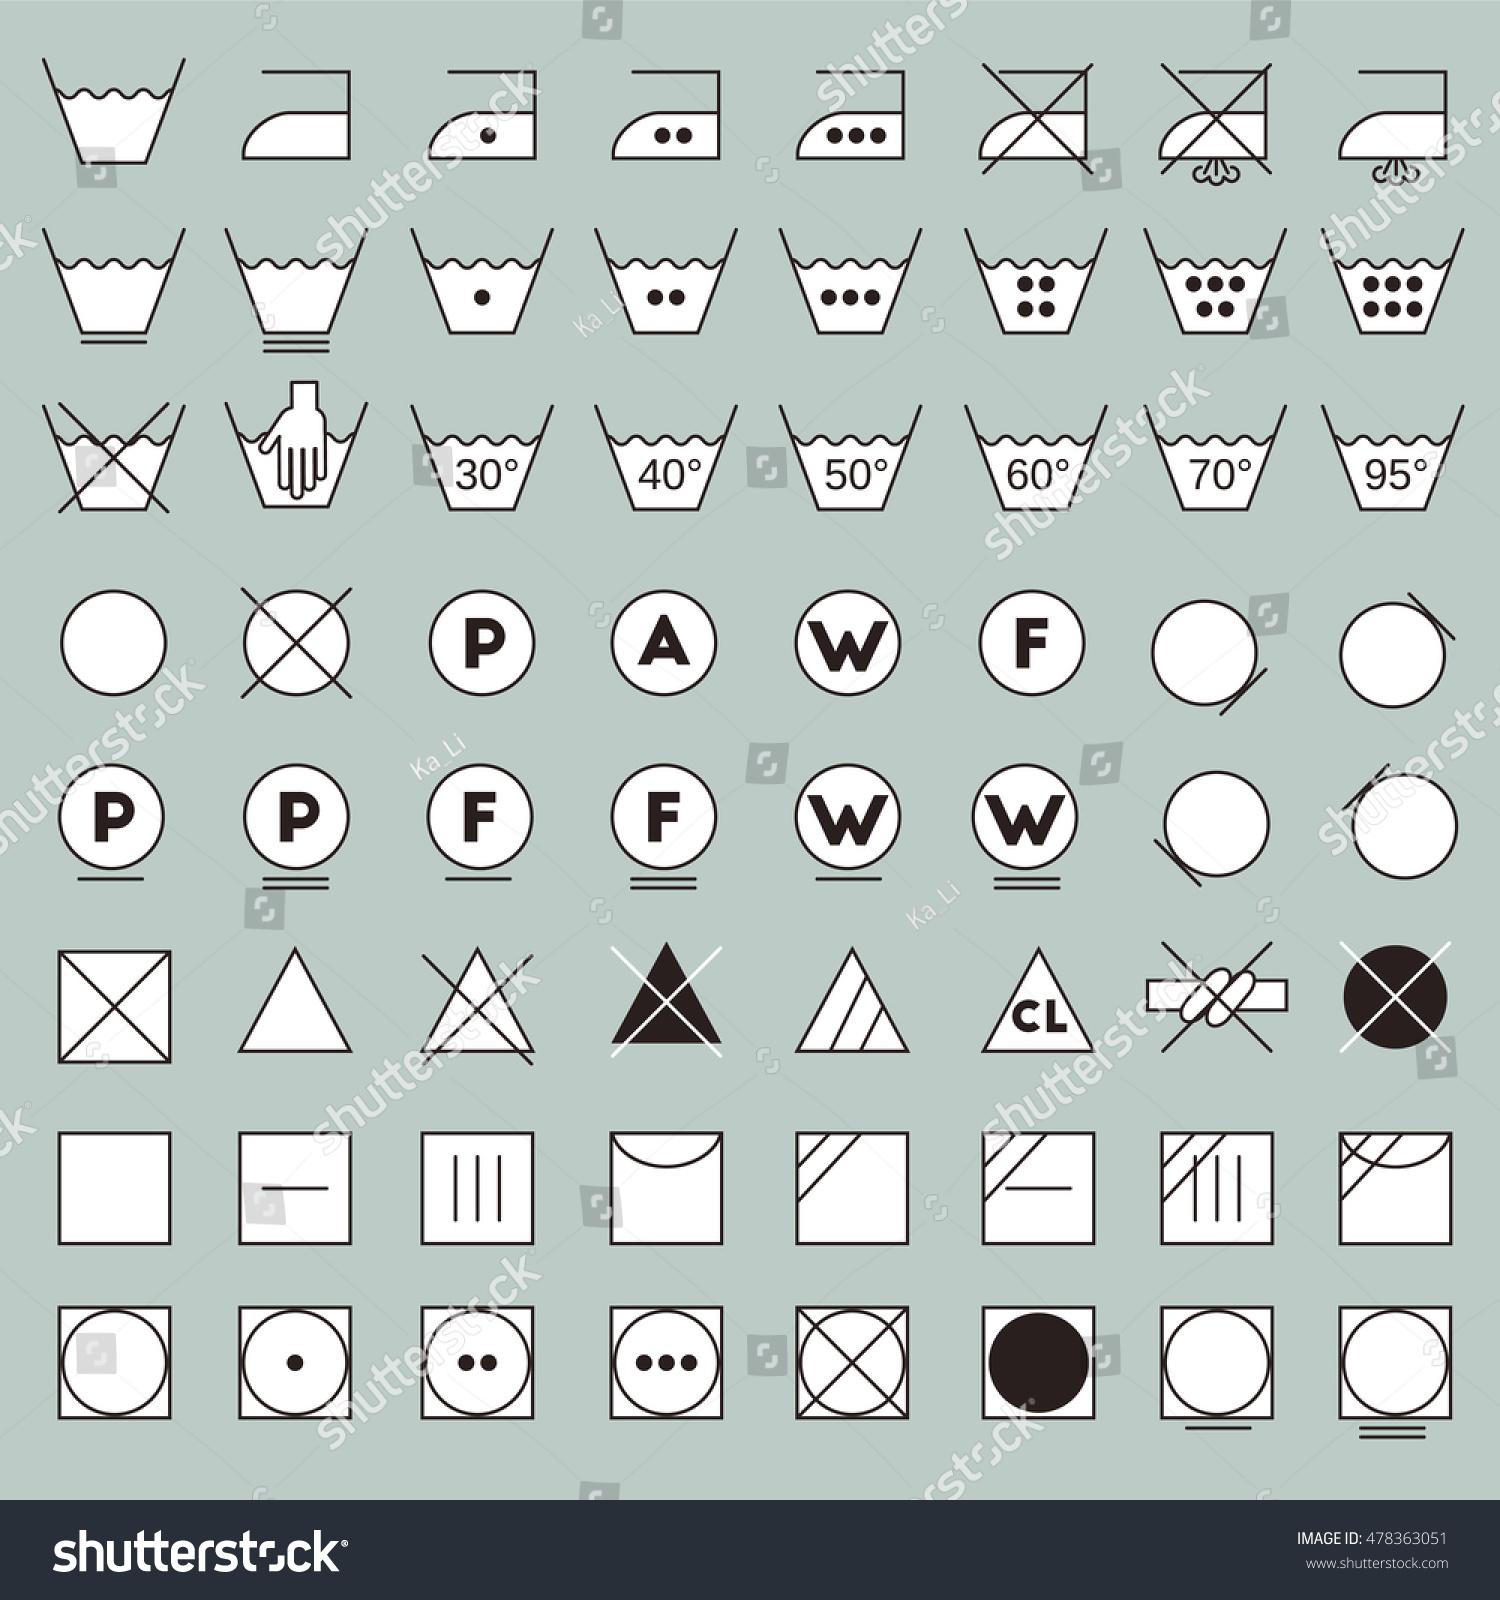 Laundry Symbols Line Design Washing Ironing Stock Vector Royalty